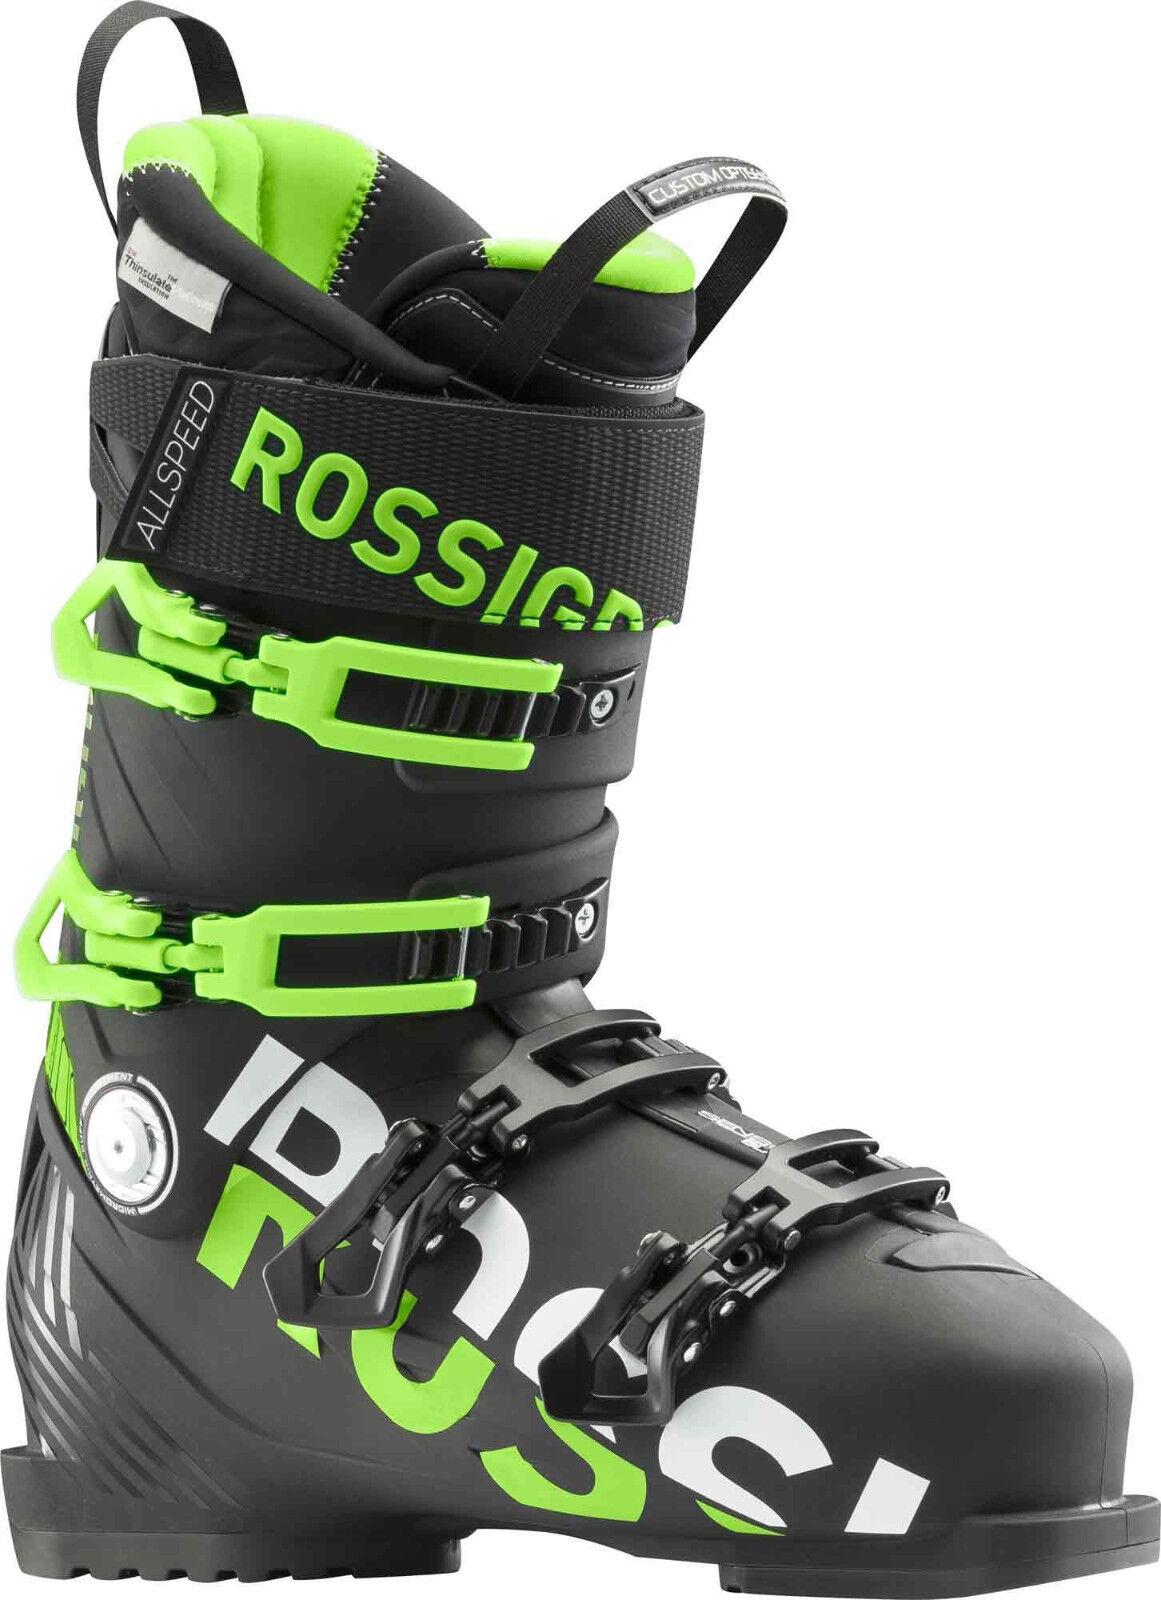 Rossignol Skischuhe - ALLSPEED PRO 100 Herren - RBG2090 -